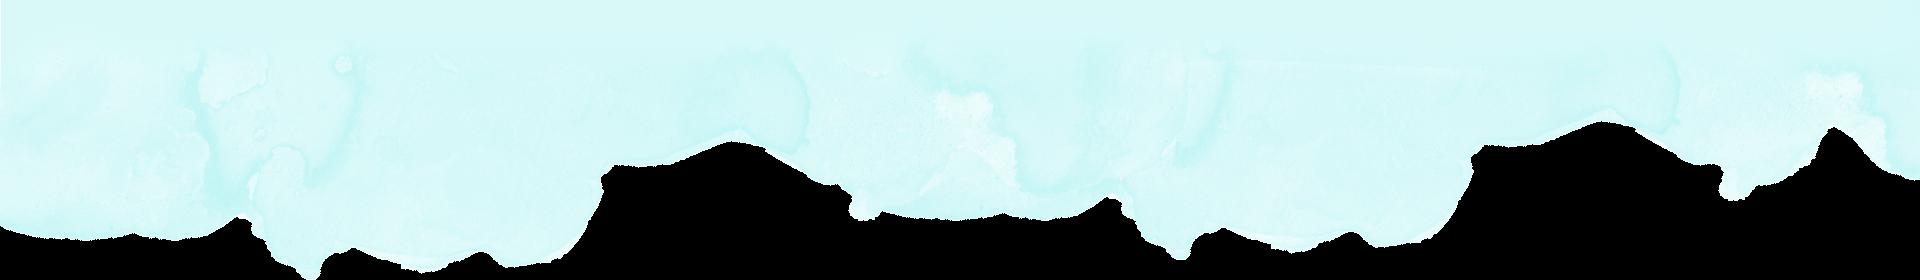 motivo-2 -bottom